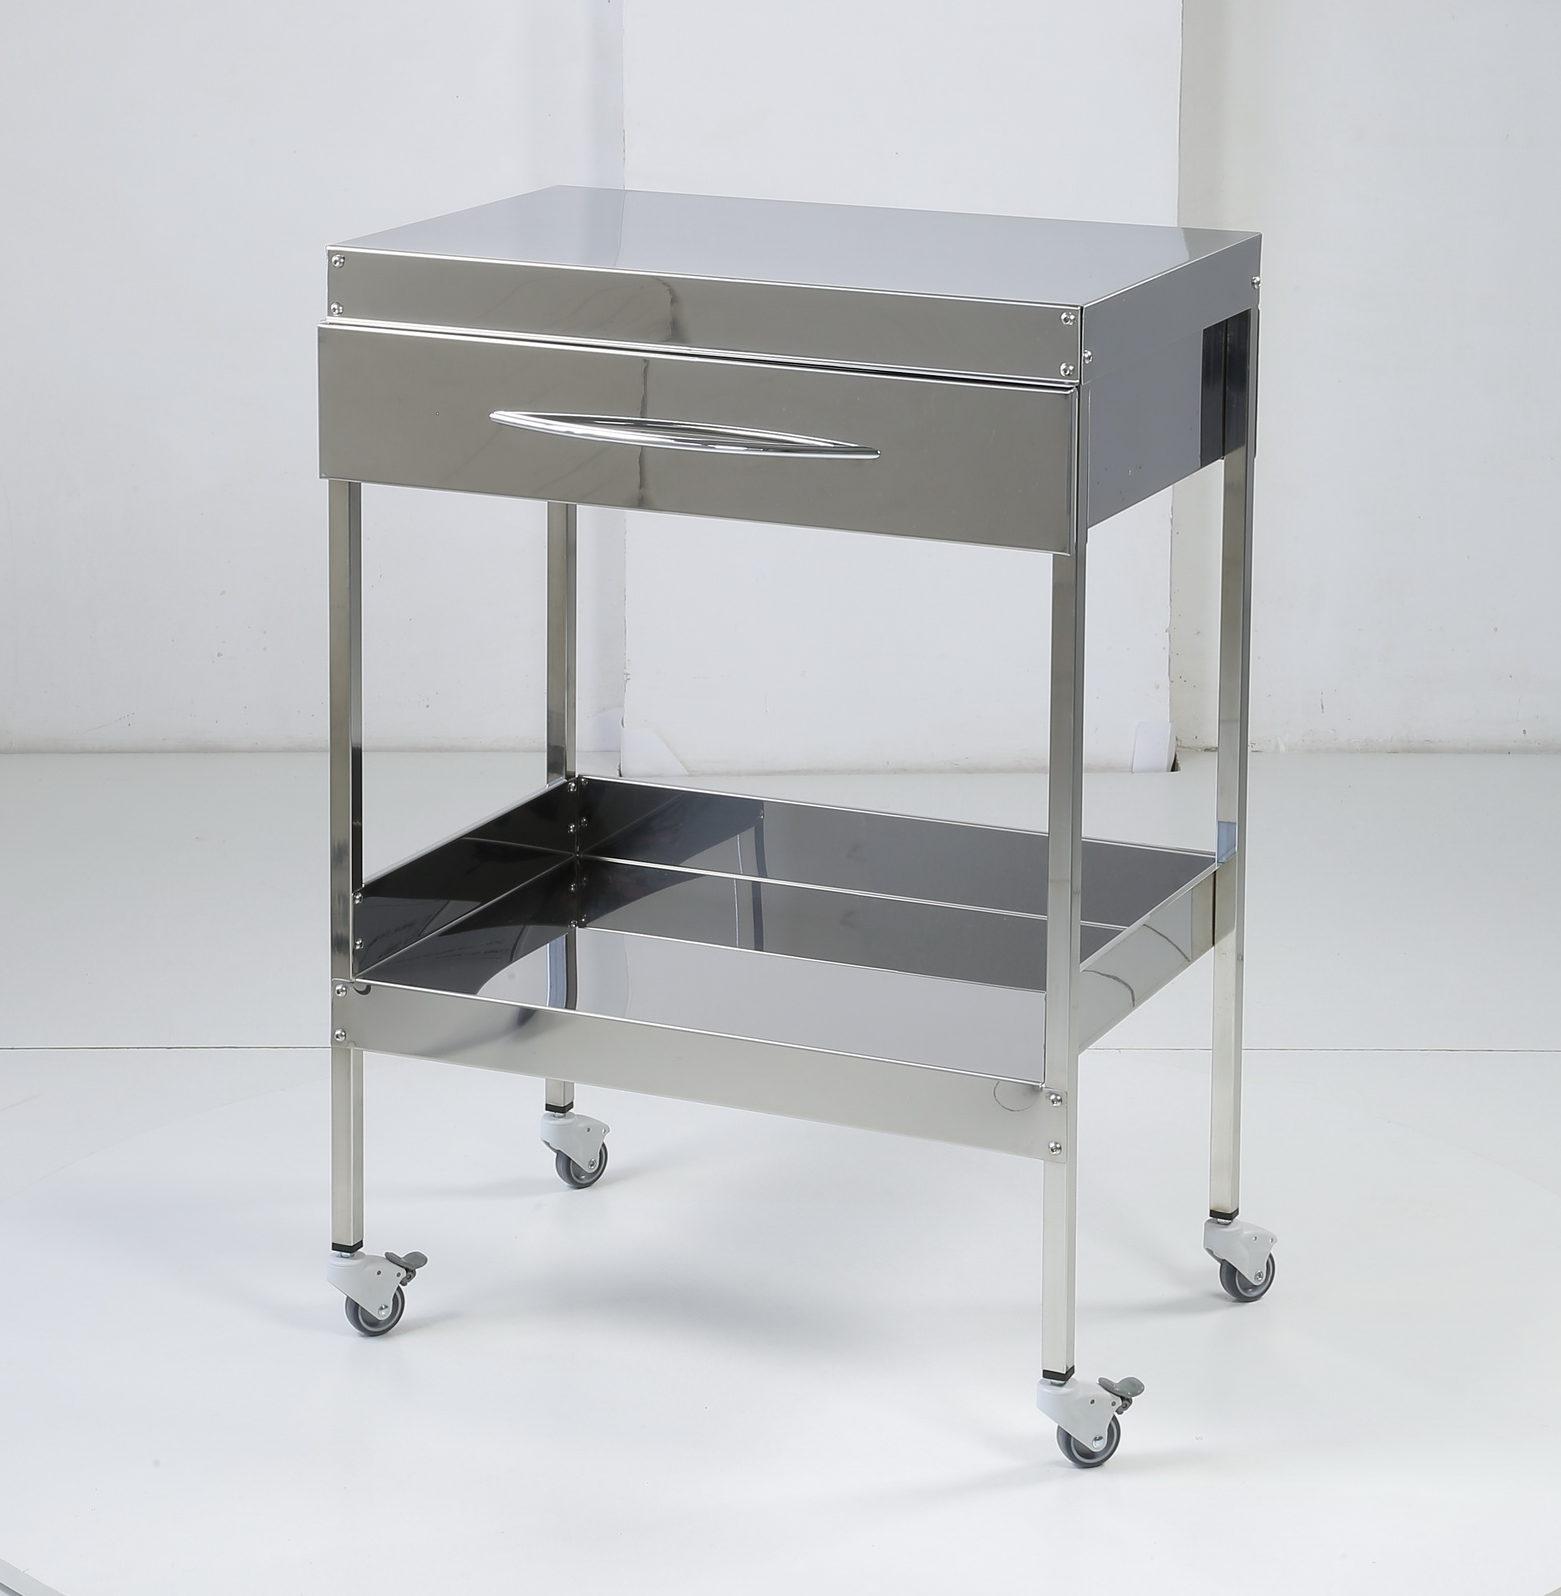 Медицинский столик на 2 полки с ящиком. Без бортов.